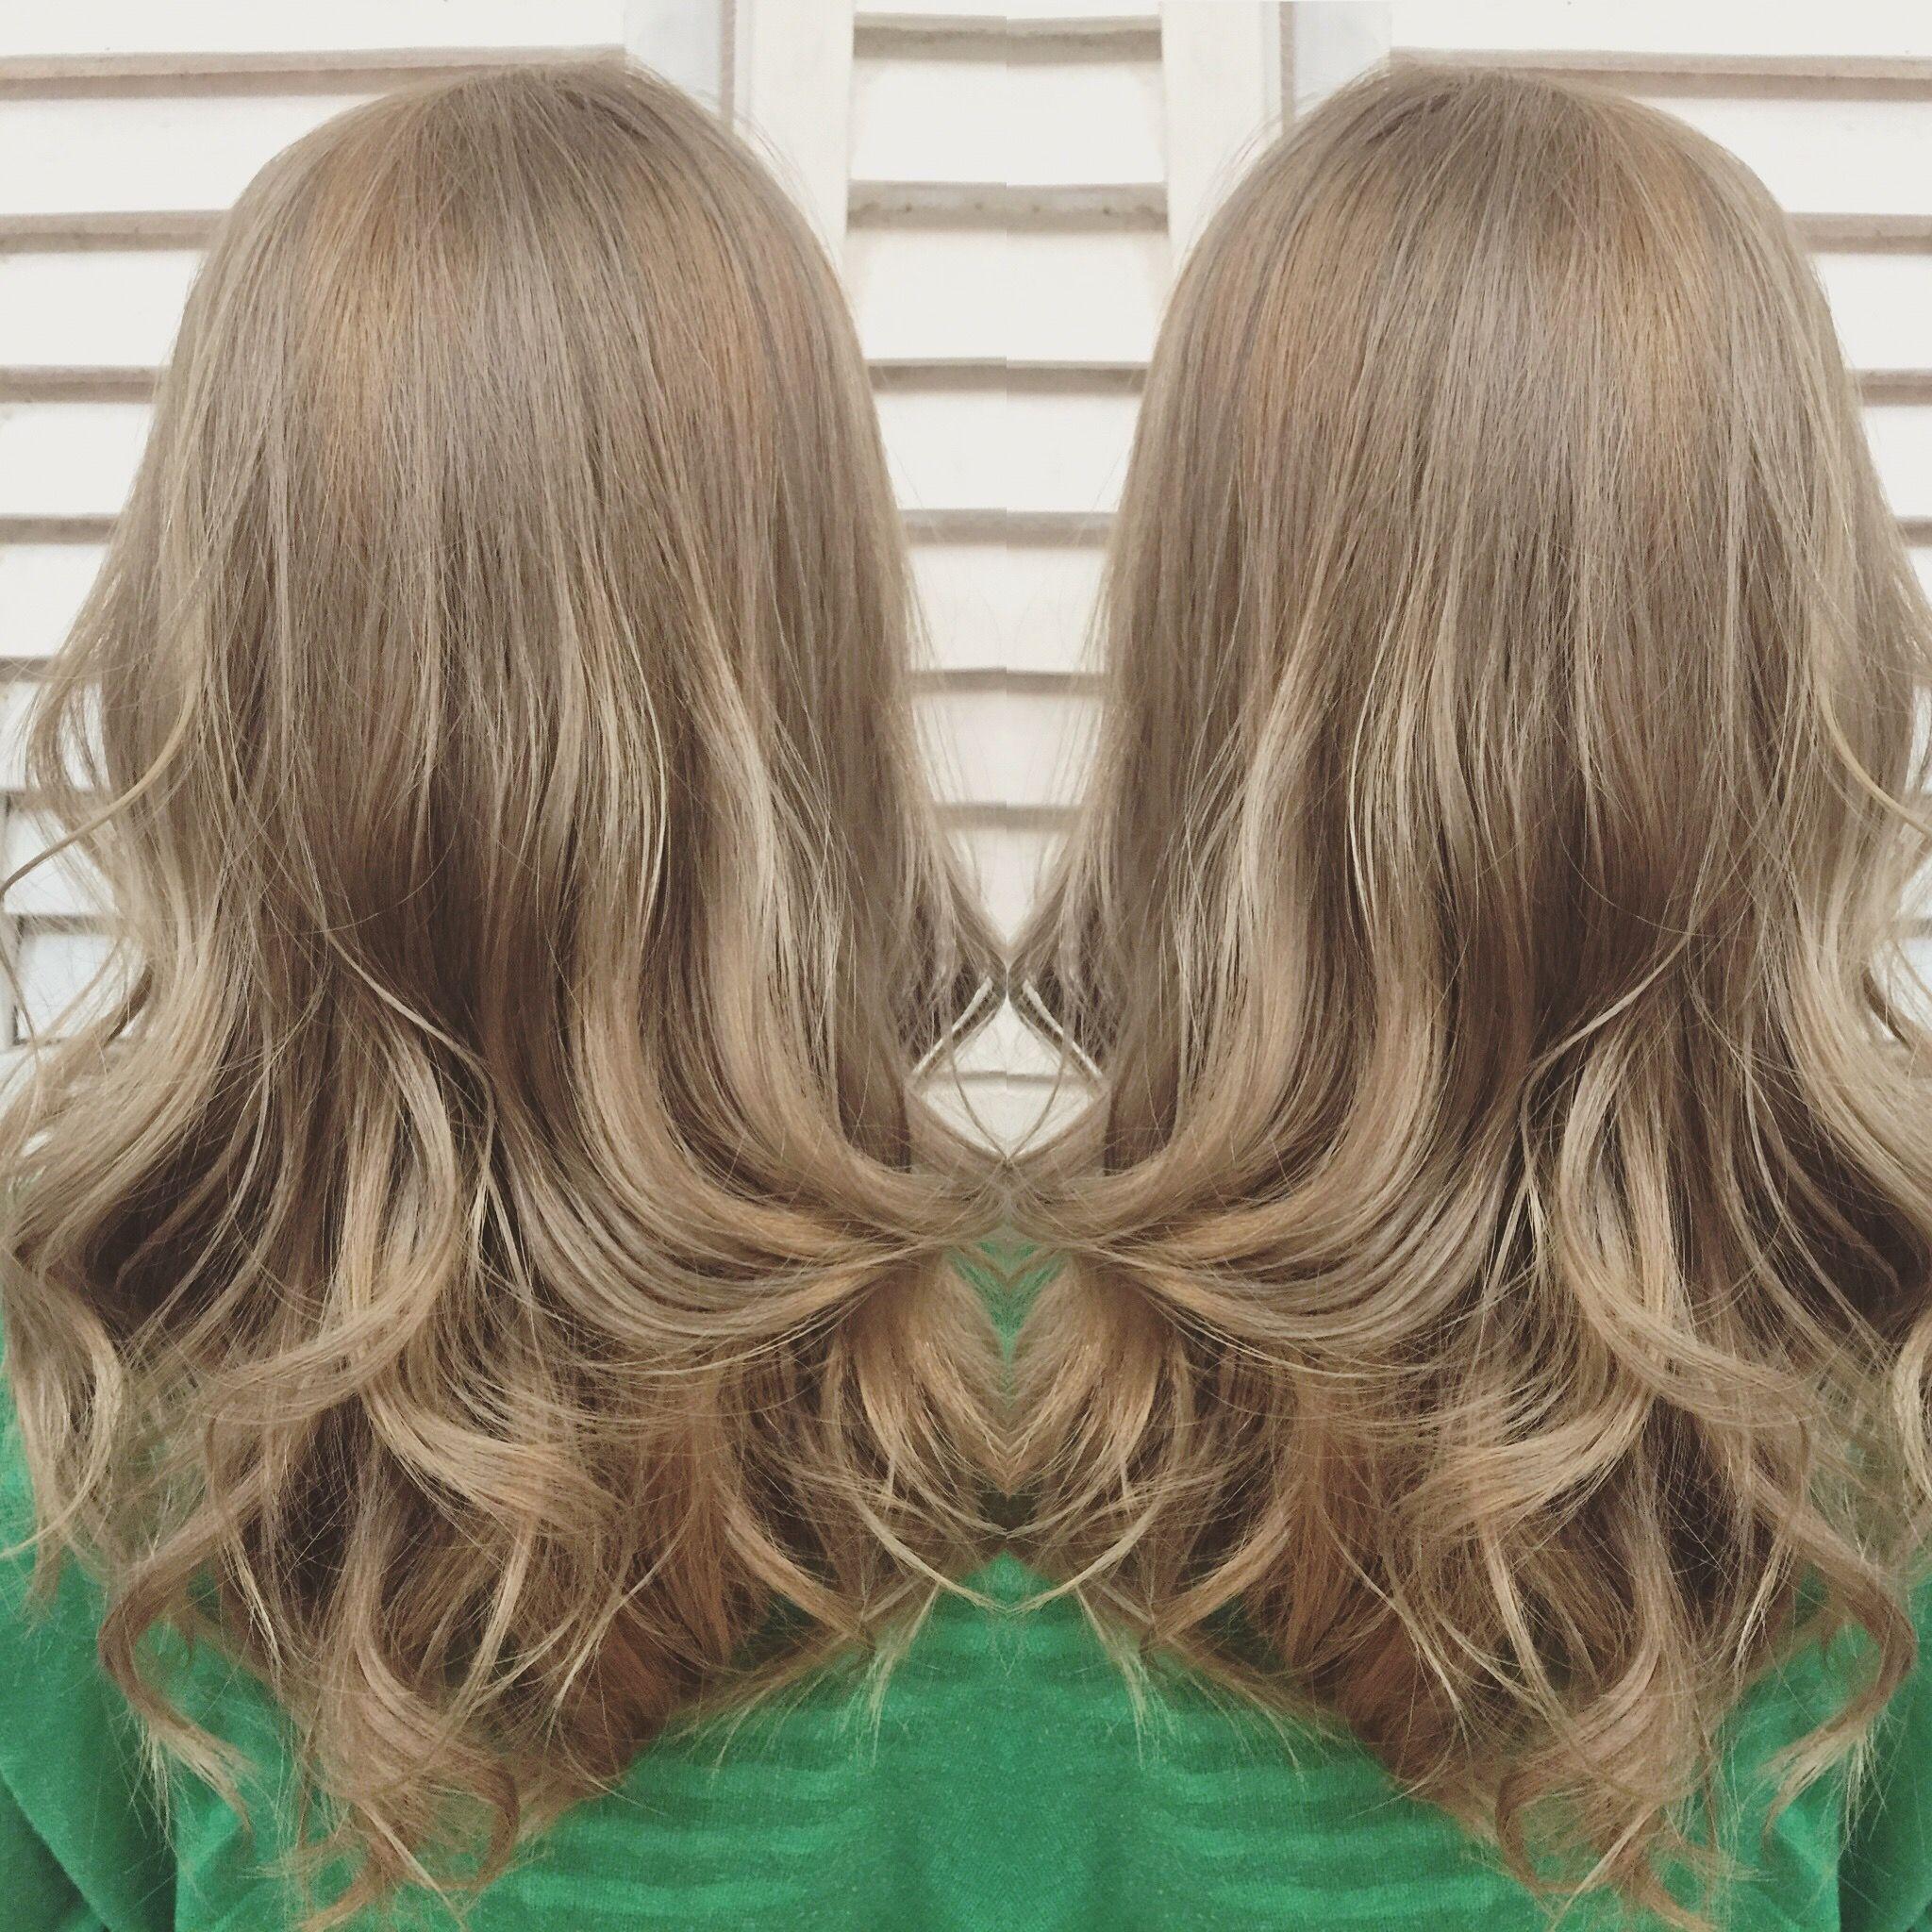 ミルクティーベージュ ハイベージュグラデーション グラデーション ヘアカラー ミディアムロング 髪 色